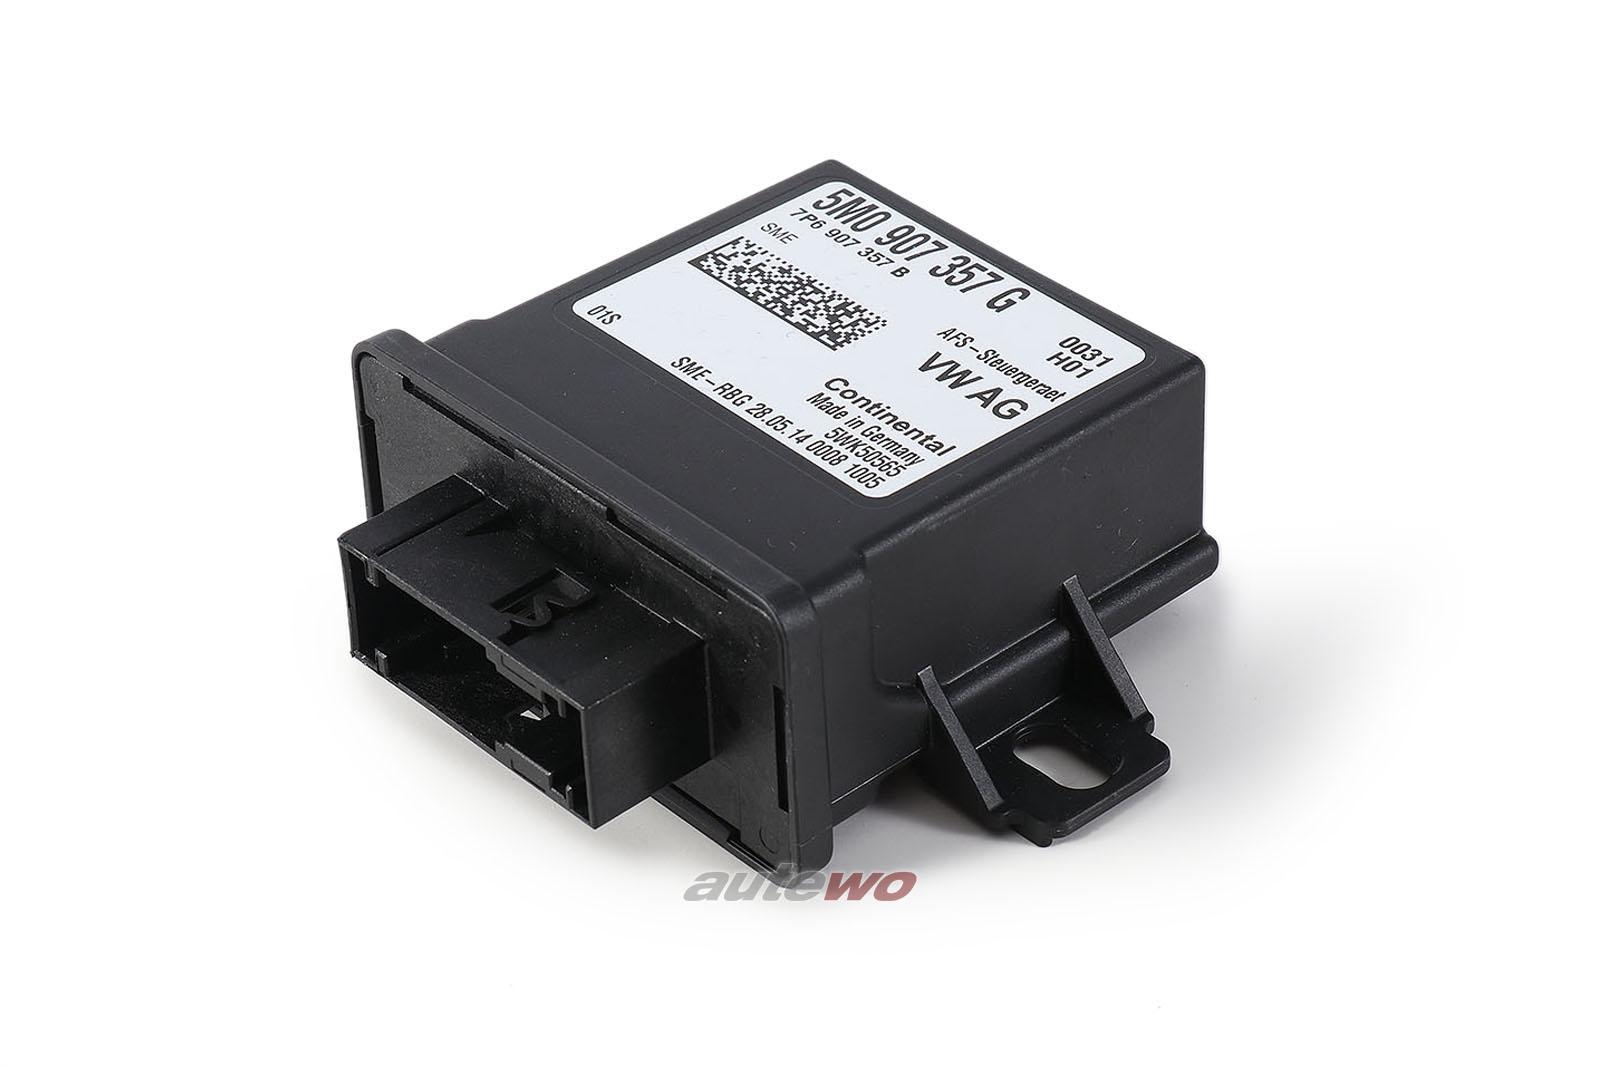 5M0907357G AUDI Q3/RSQ3 8U Steuergerät Kurvenlicht + Leuchtweitenregelung